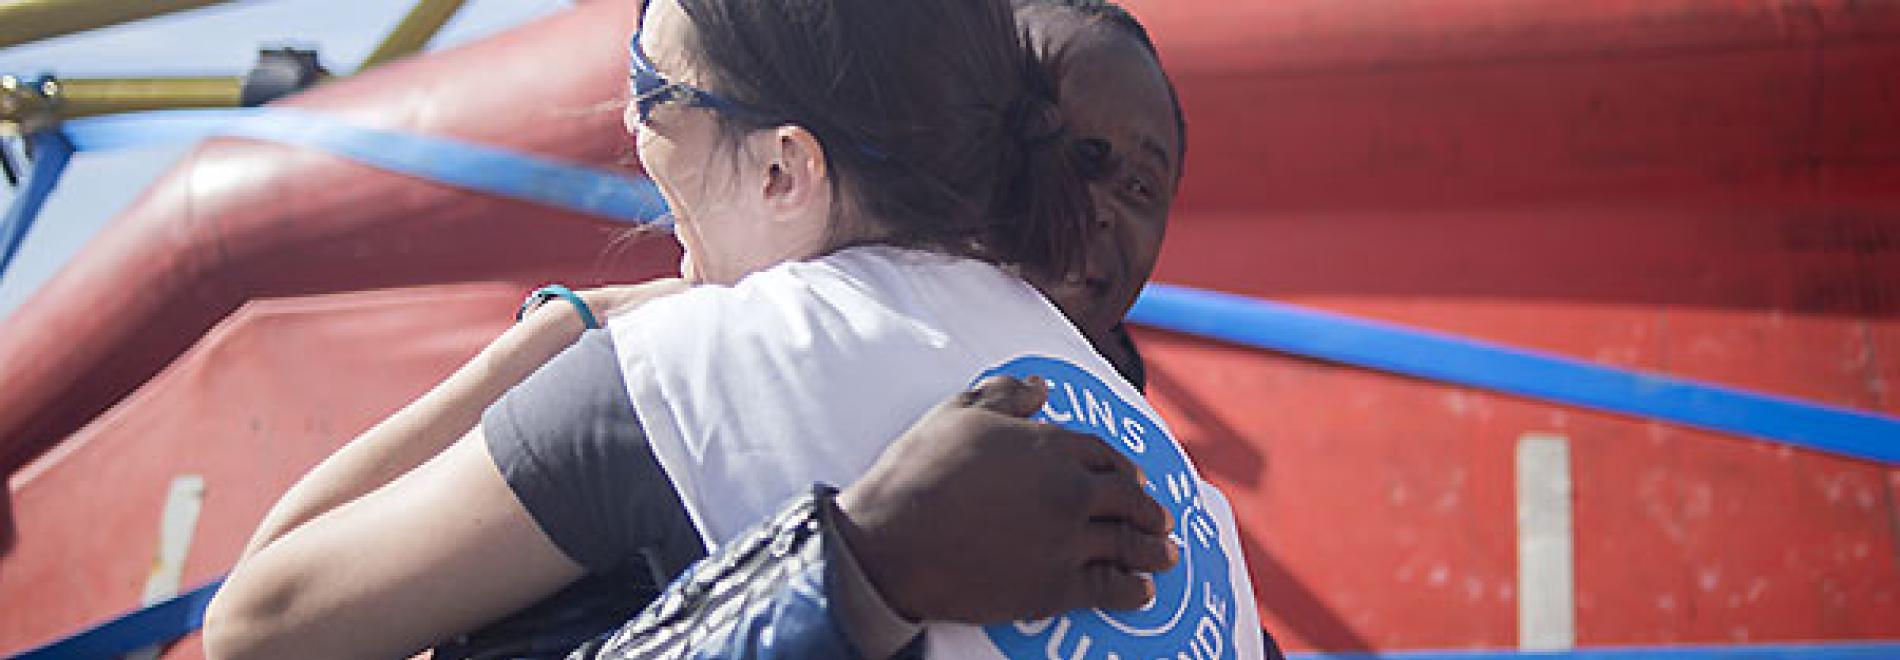 Après le sauvetage, certains rescapés laissent s'exprimer leur joie - ©Sinawi Medine